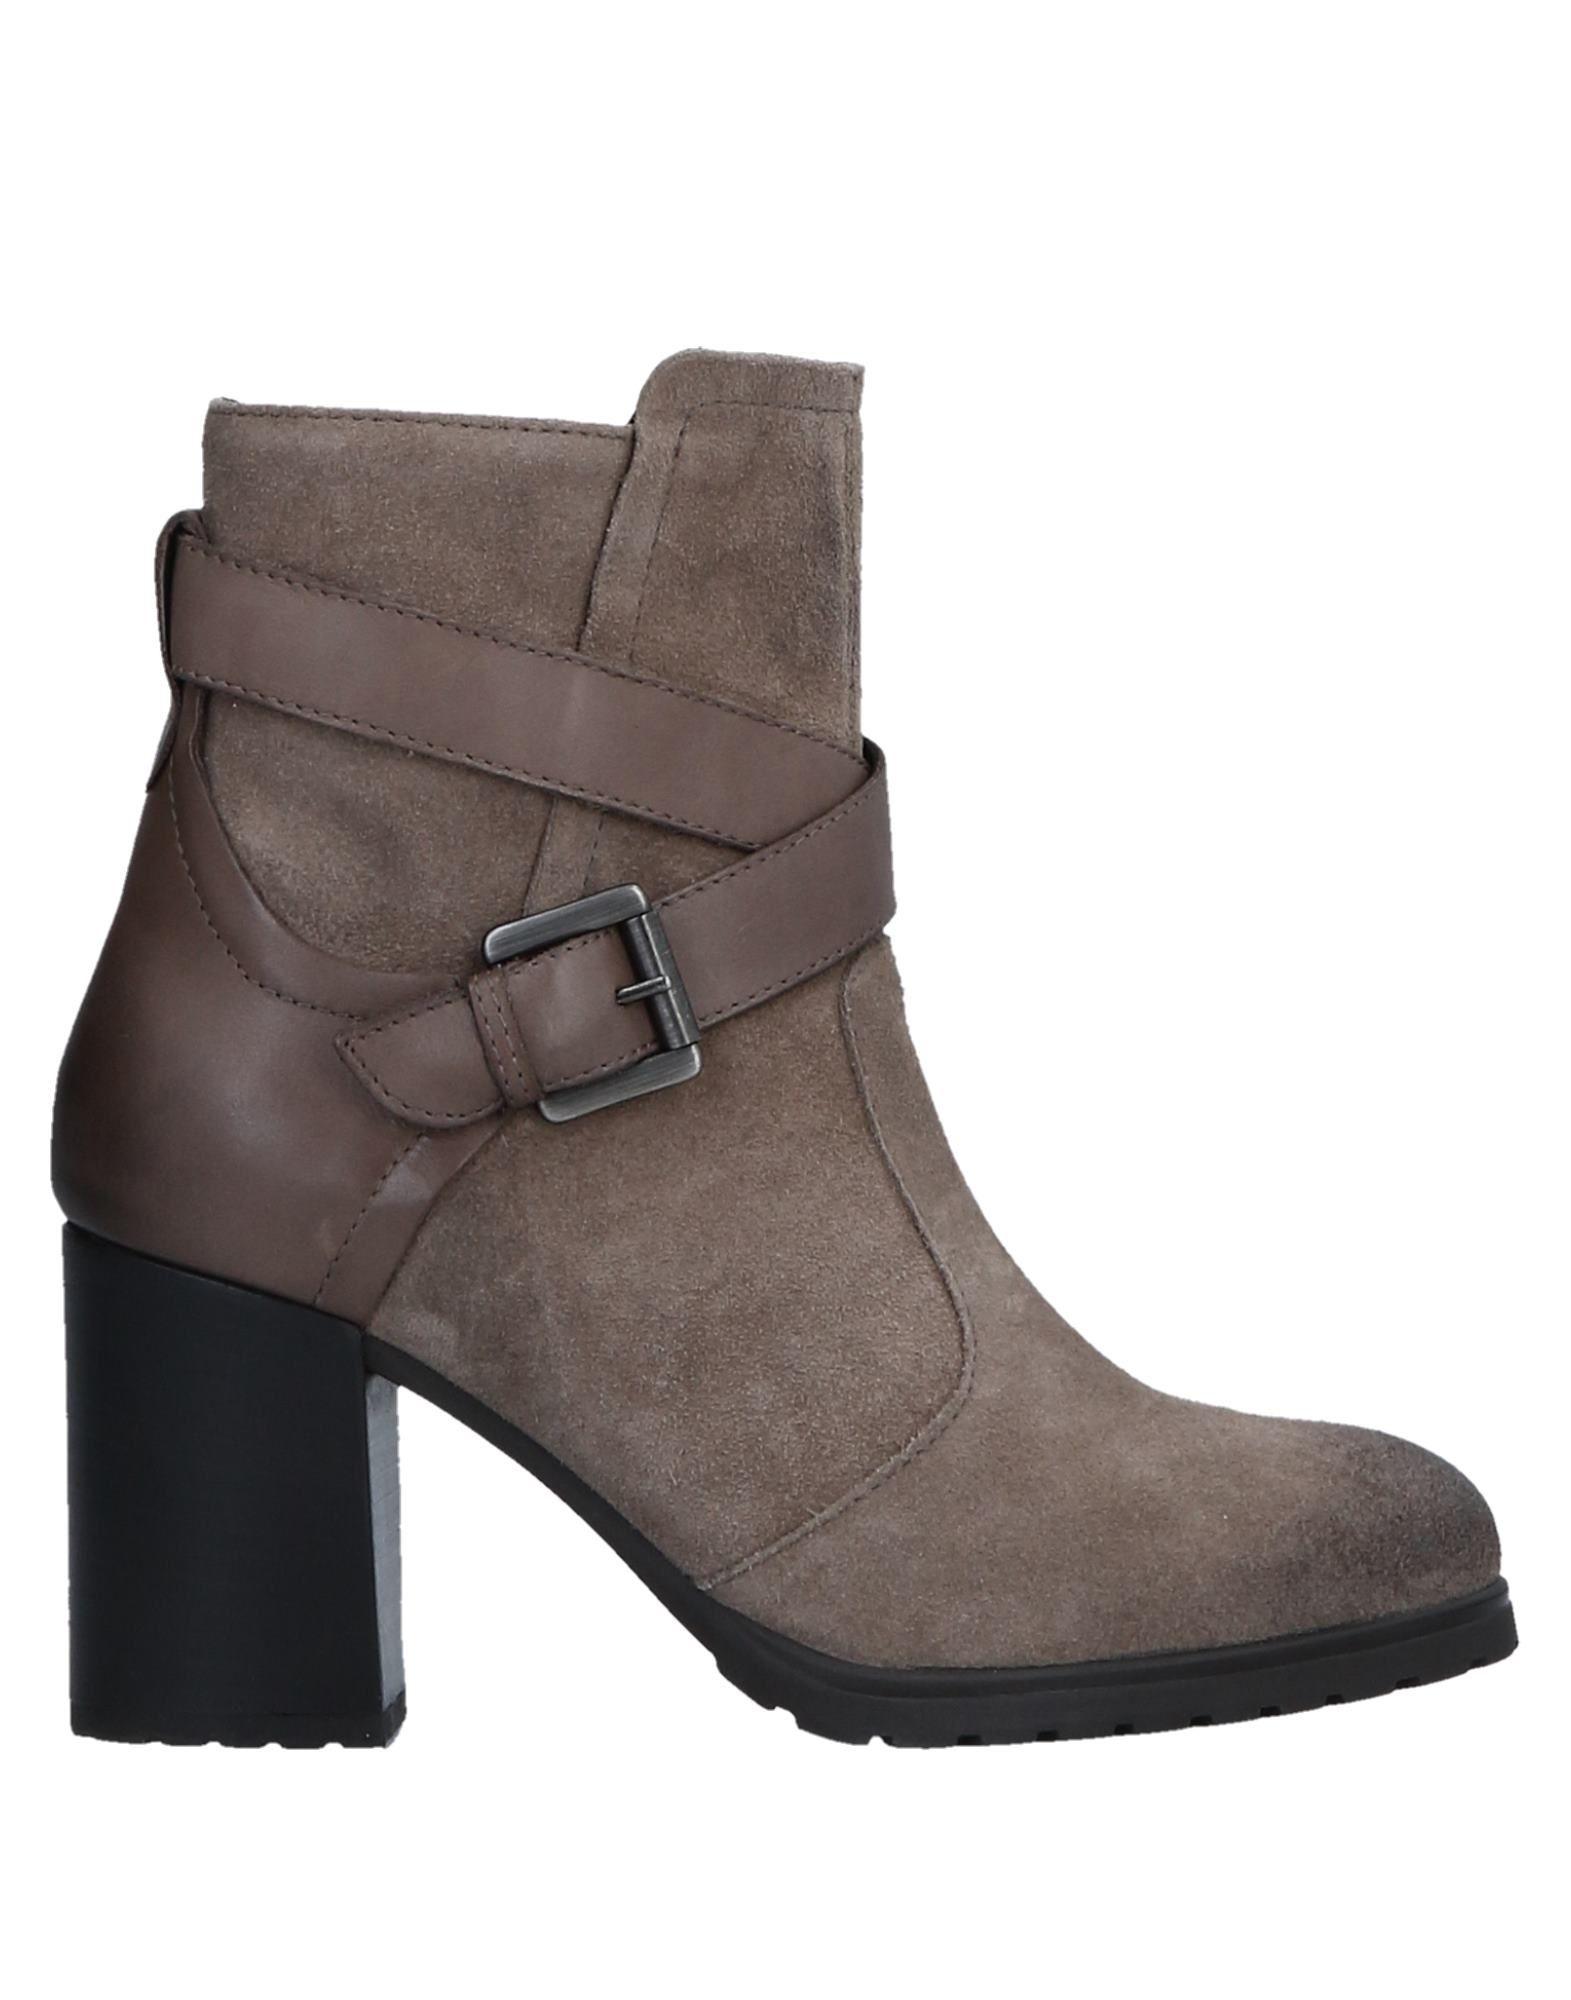 Geox Stiefelette Damen  11540590NJ Gute Qualität beliebte Schuhe